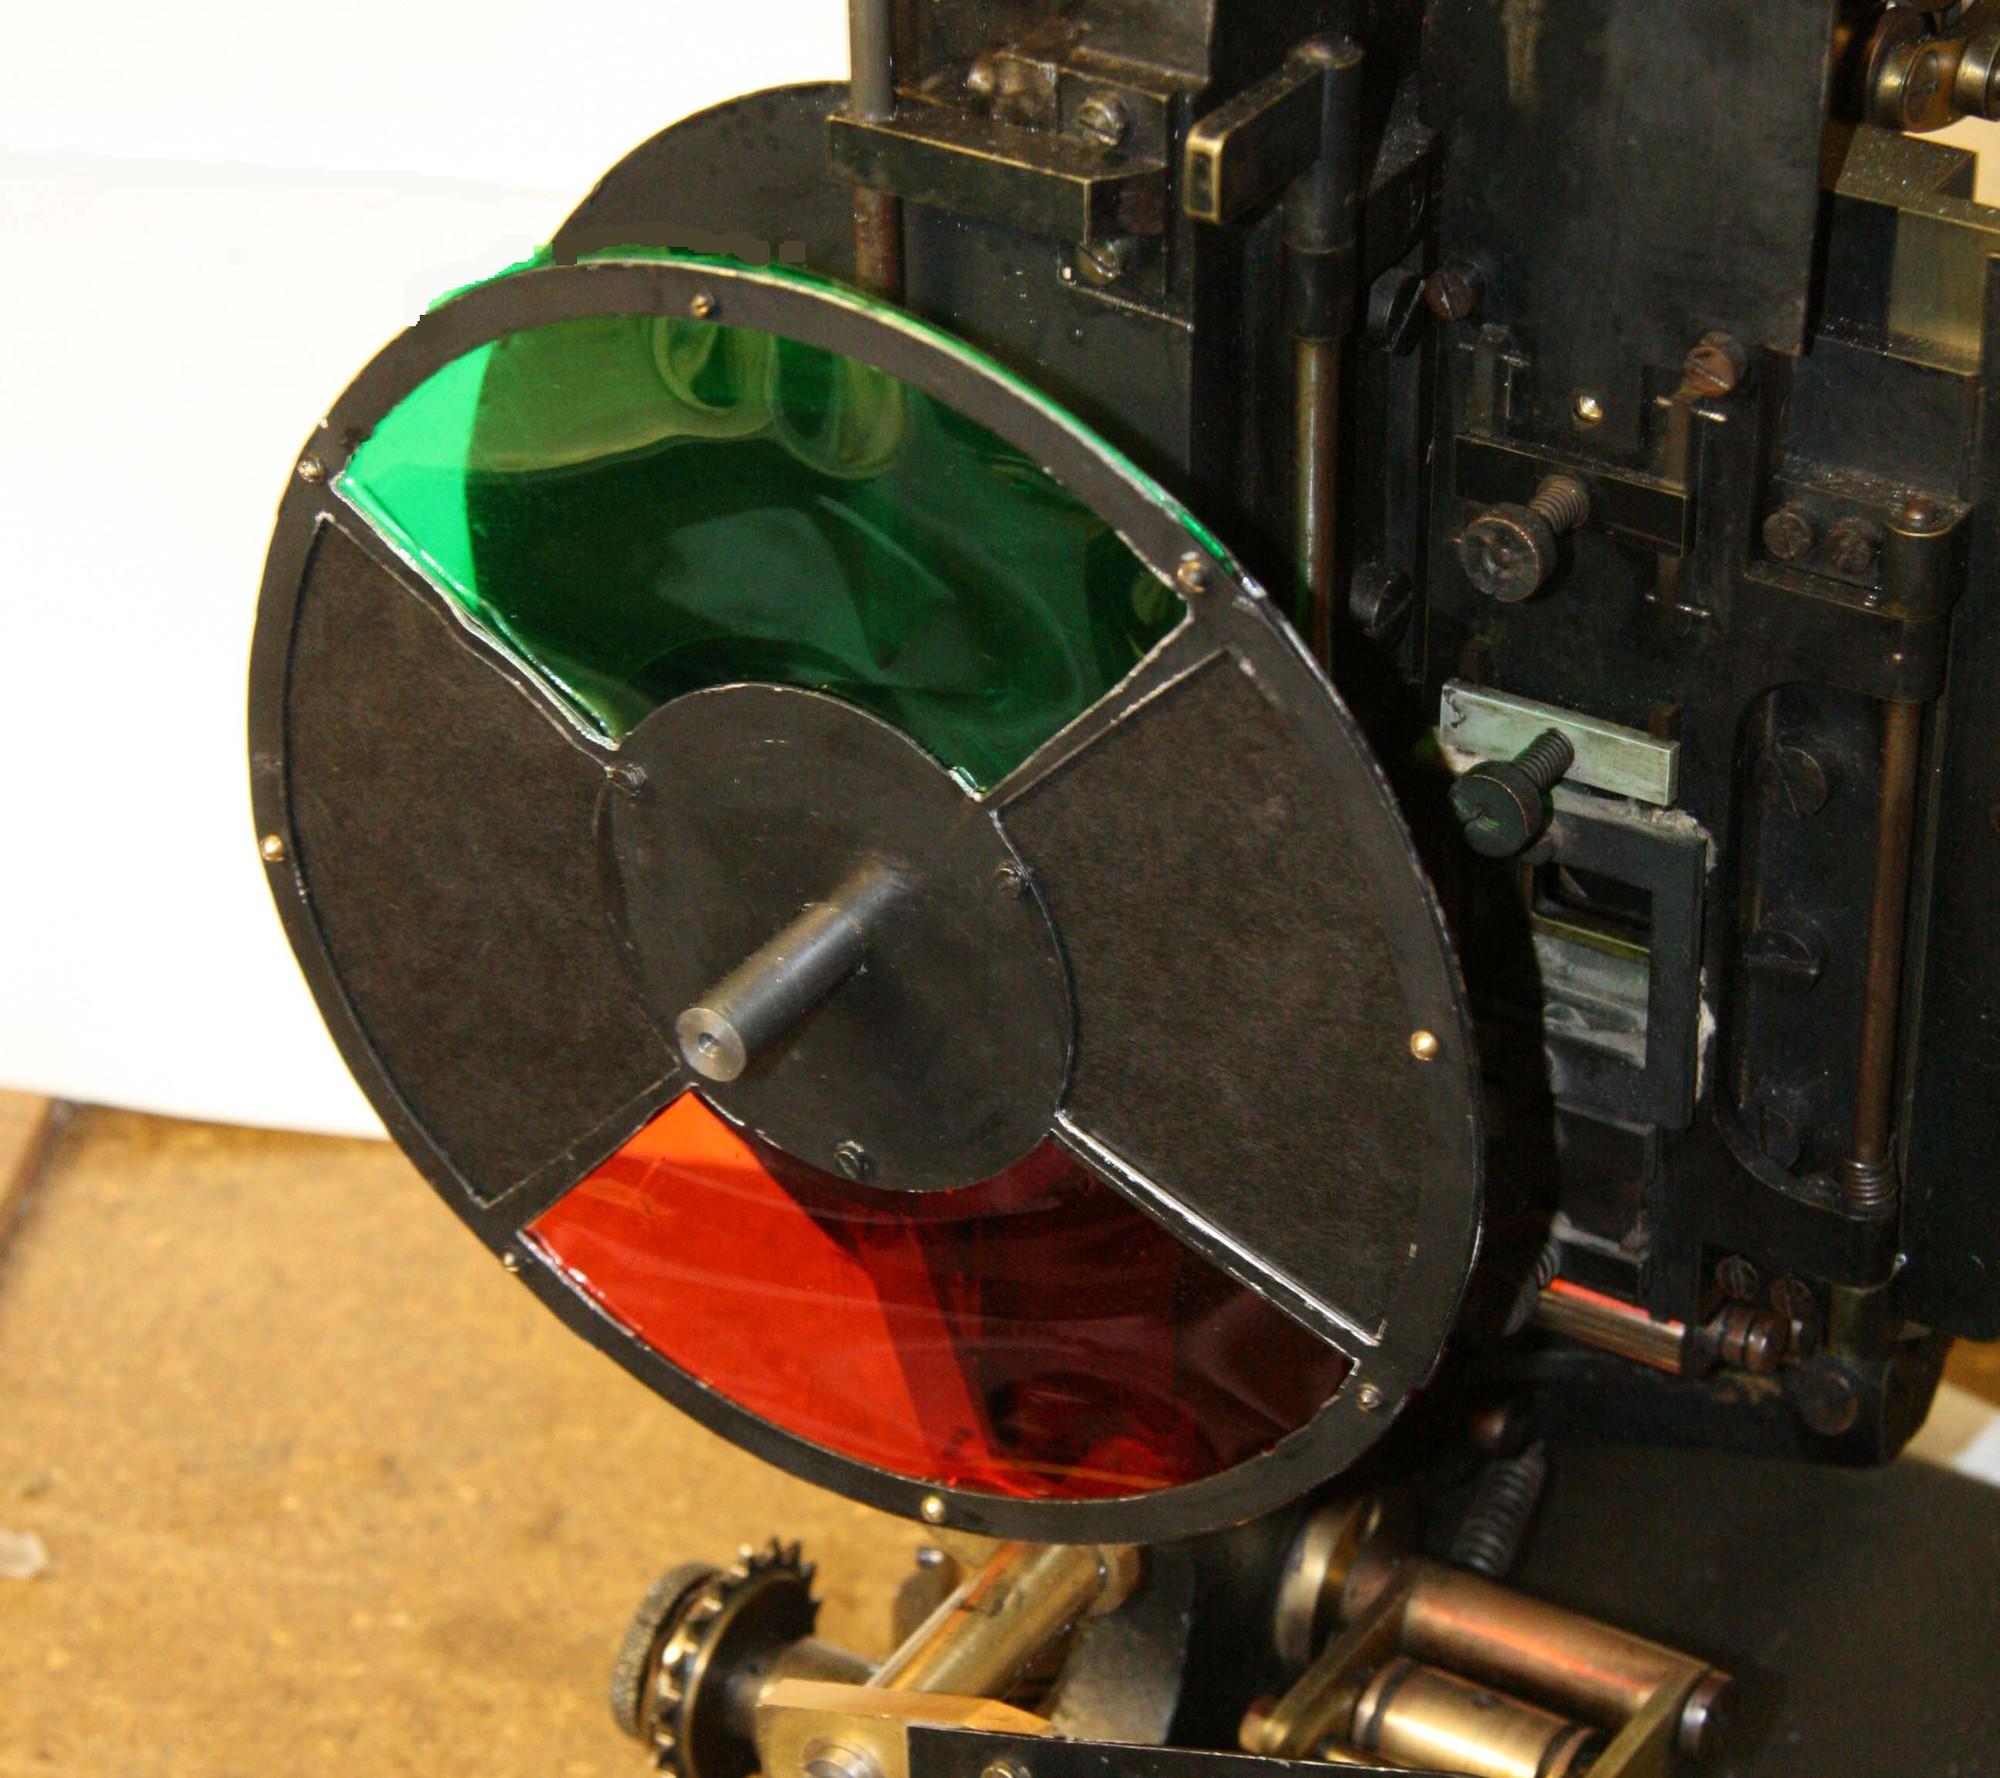 Hành trình cực kỳ vất vả để đưa màu sắc vào điện ảnh - cuộc cách mạng phim màu của thế giới - Ảnh 3.